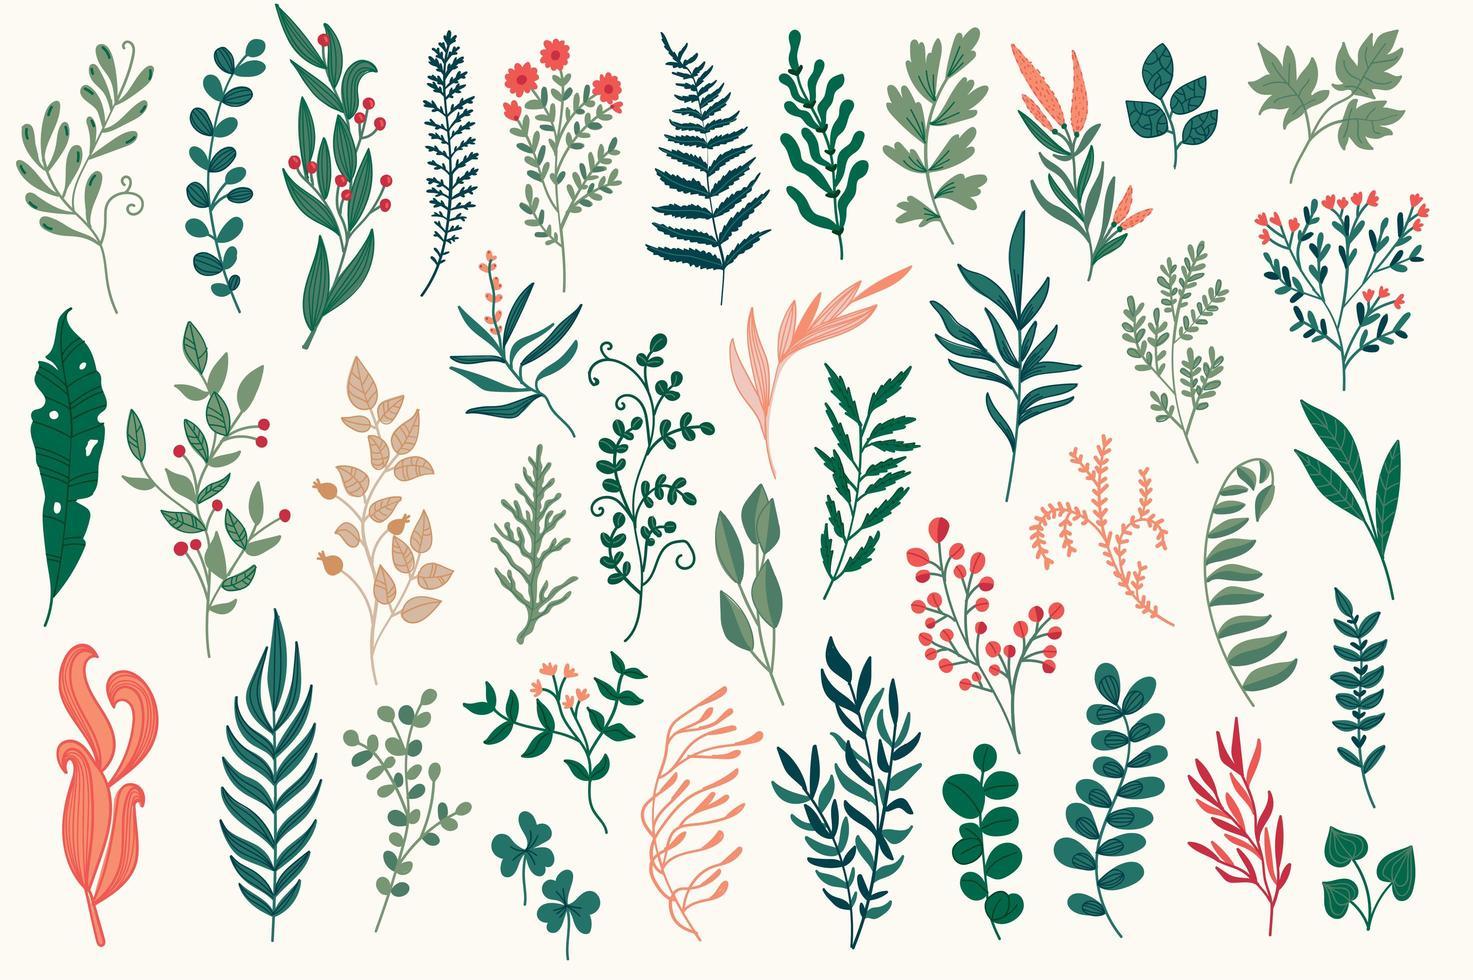 Conjunto de elementos decorativos florales dibujados a mano. vector